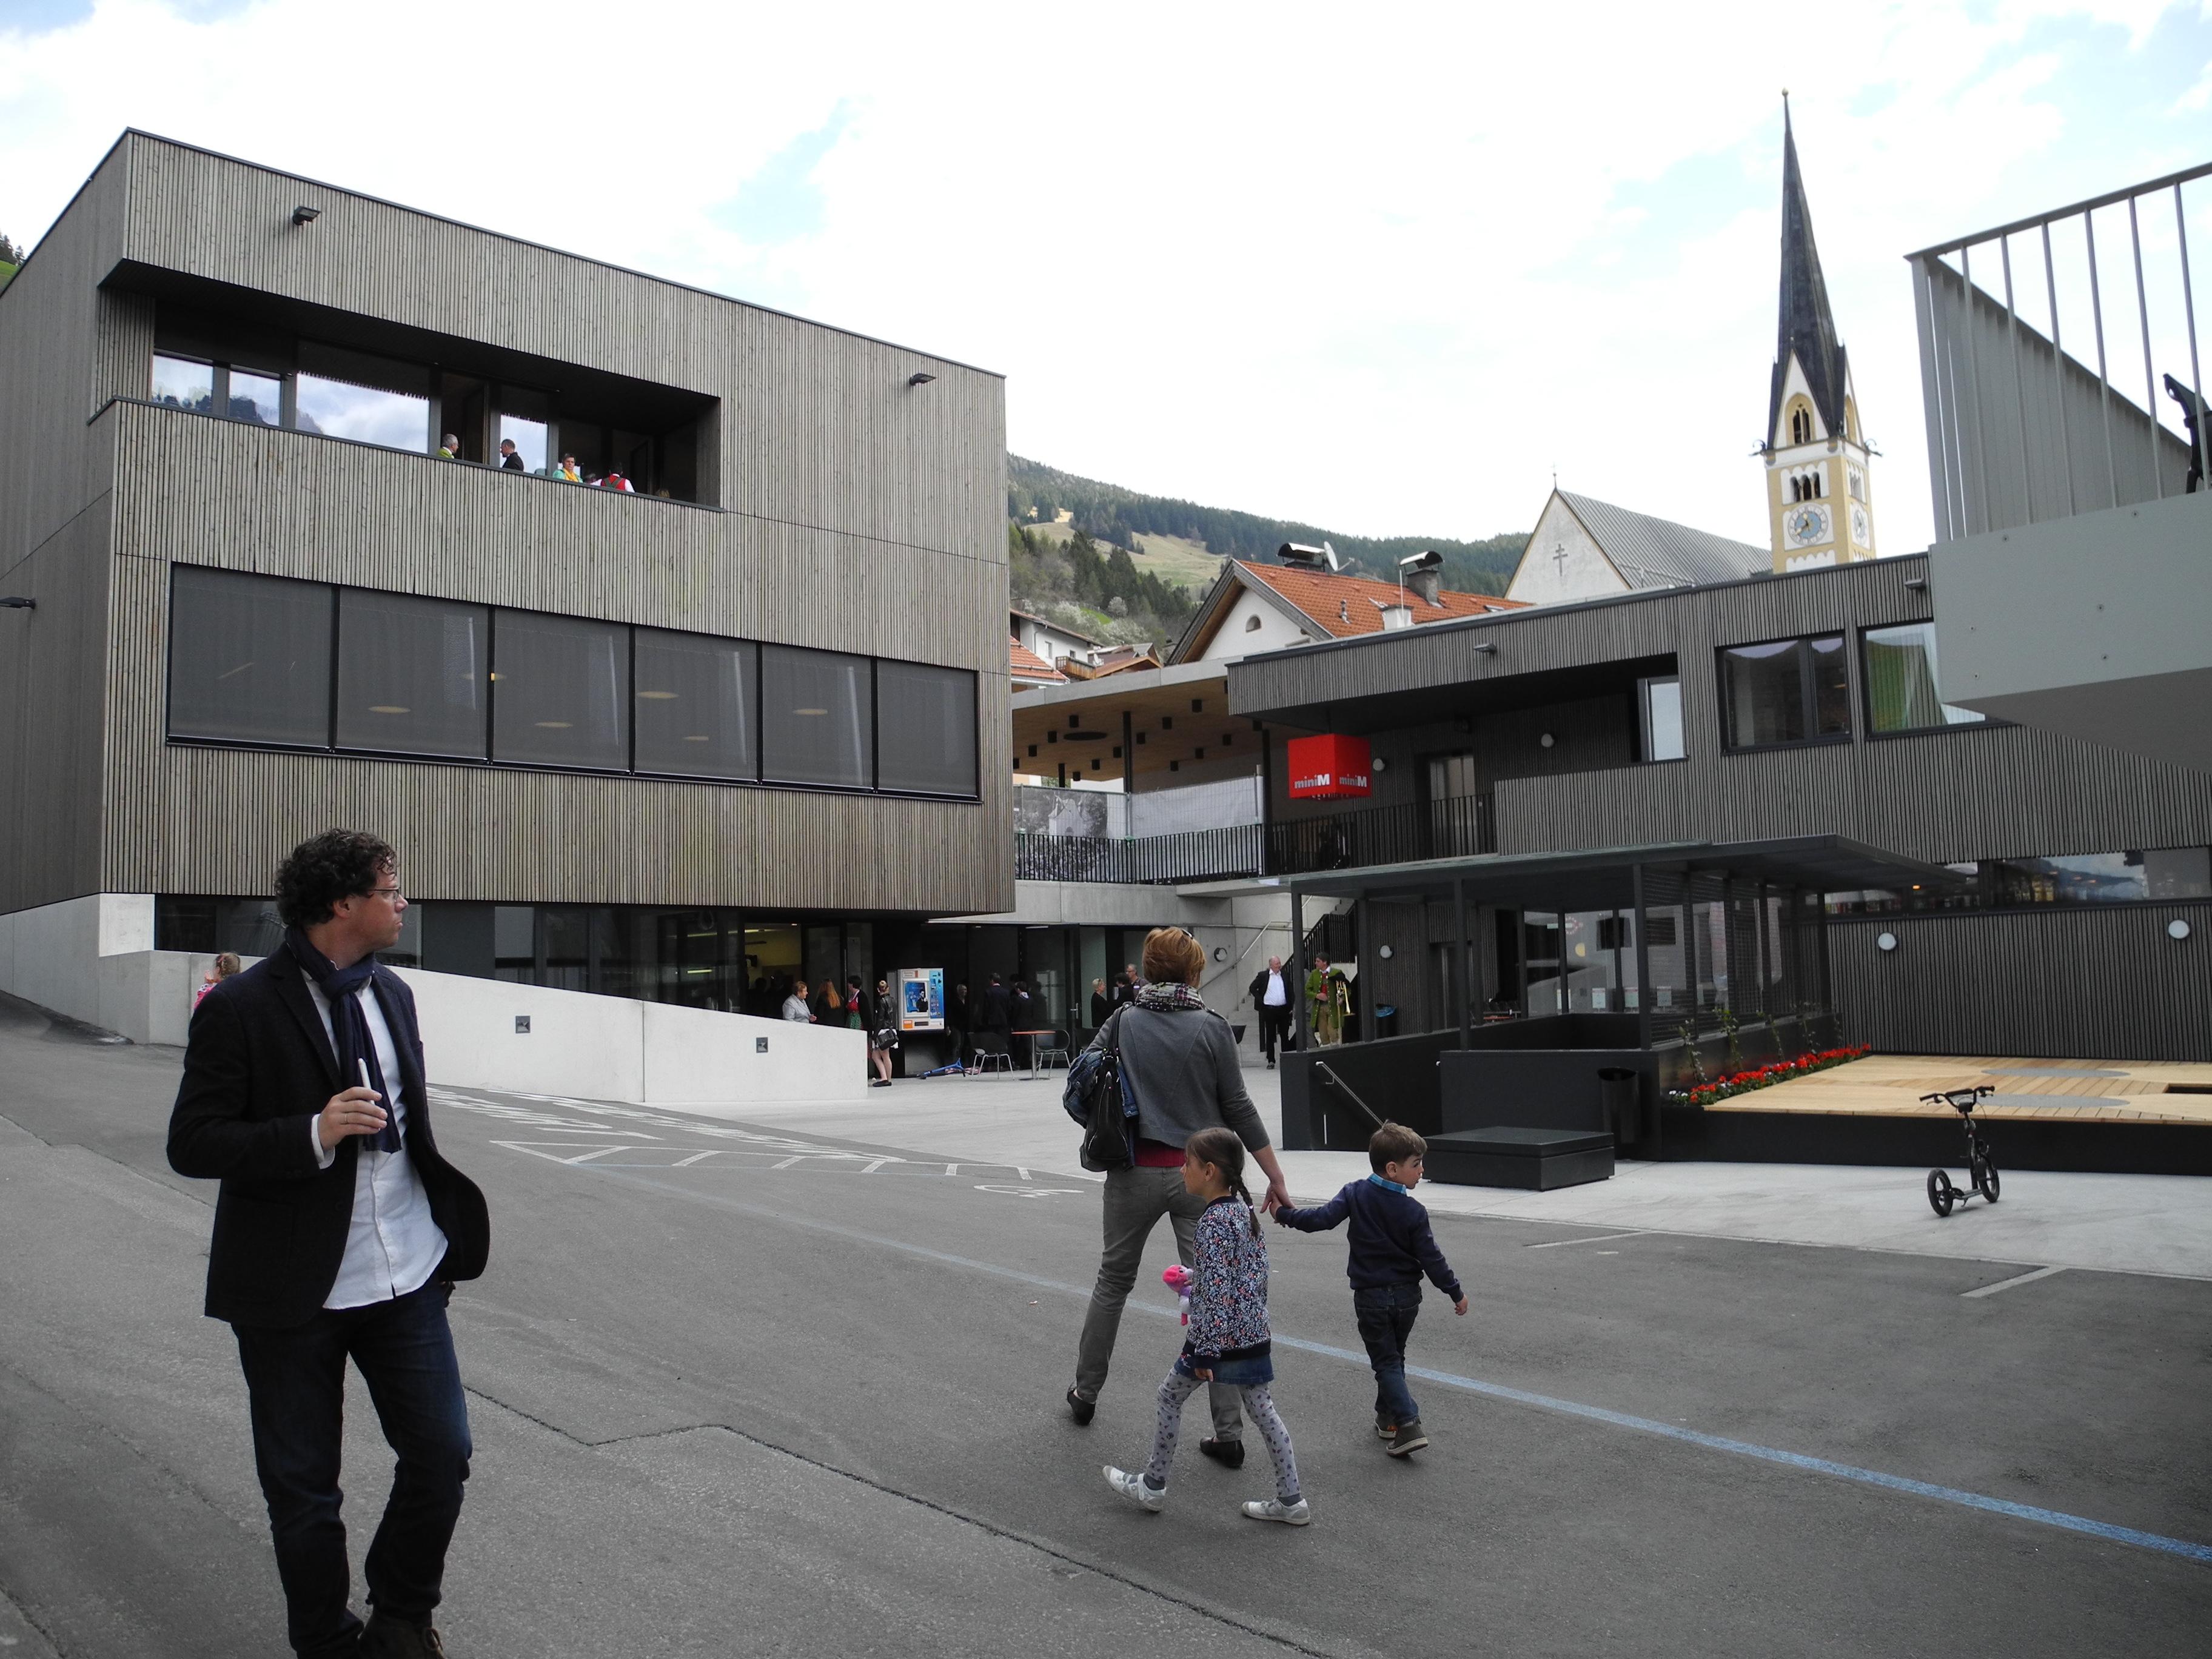 Nutzungsvielfalt, höchste Baukultur und gelebte Partizipation: Die neue Ortsmitte in der Tiroler Gemeinde Fließ wurde mit dem Europäischen Dorferneuerungspreis ausgezeichnet.